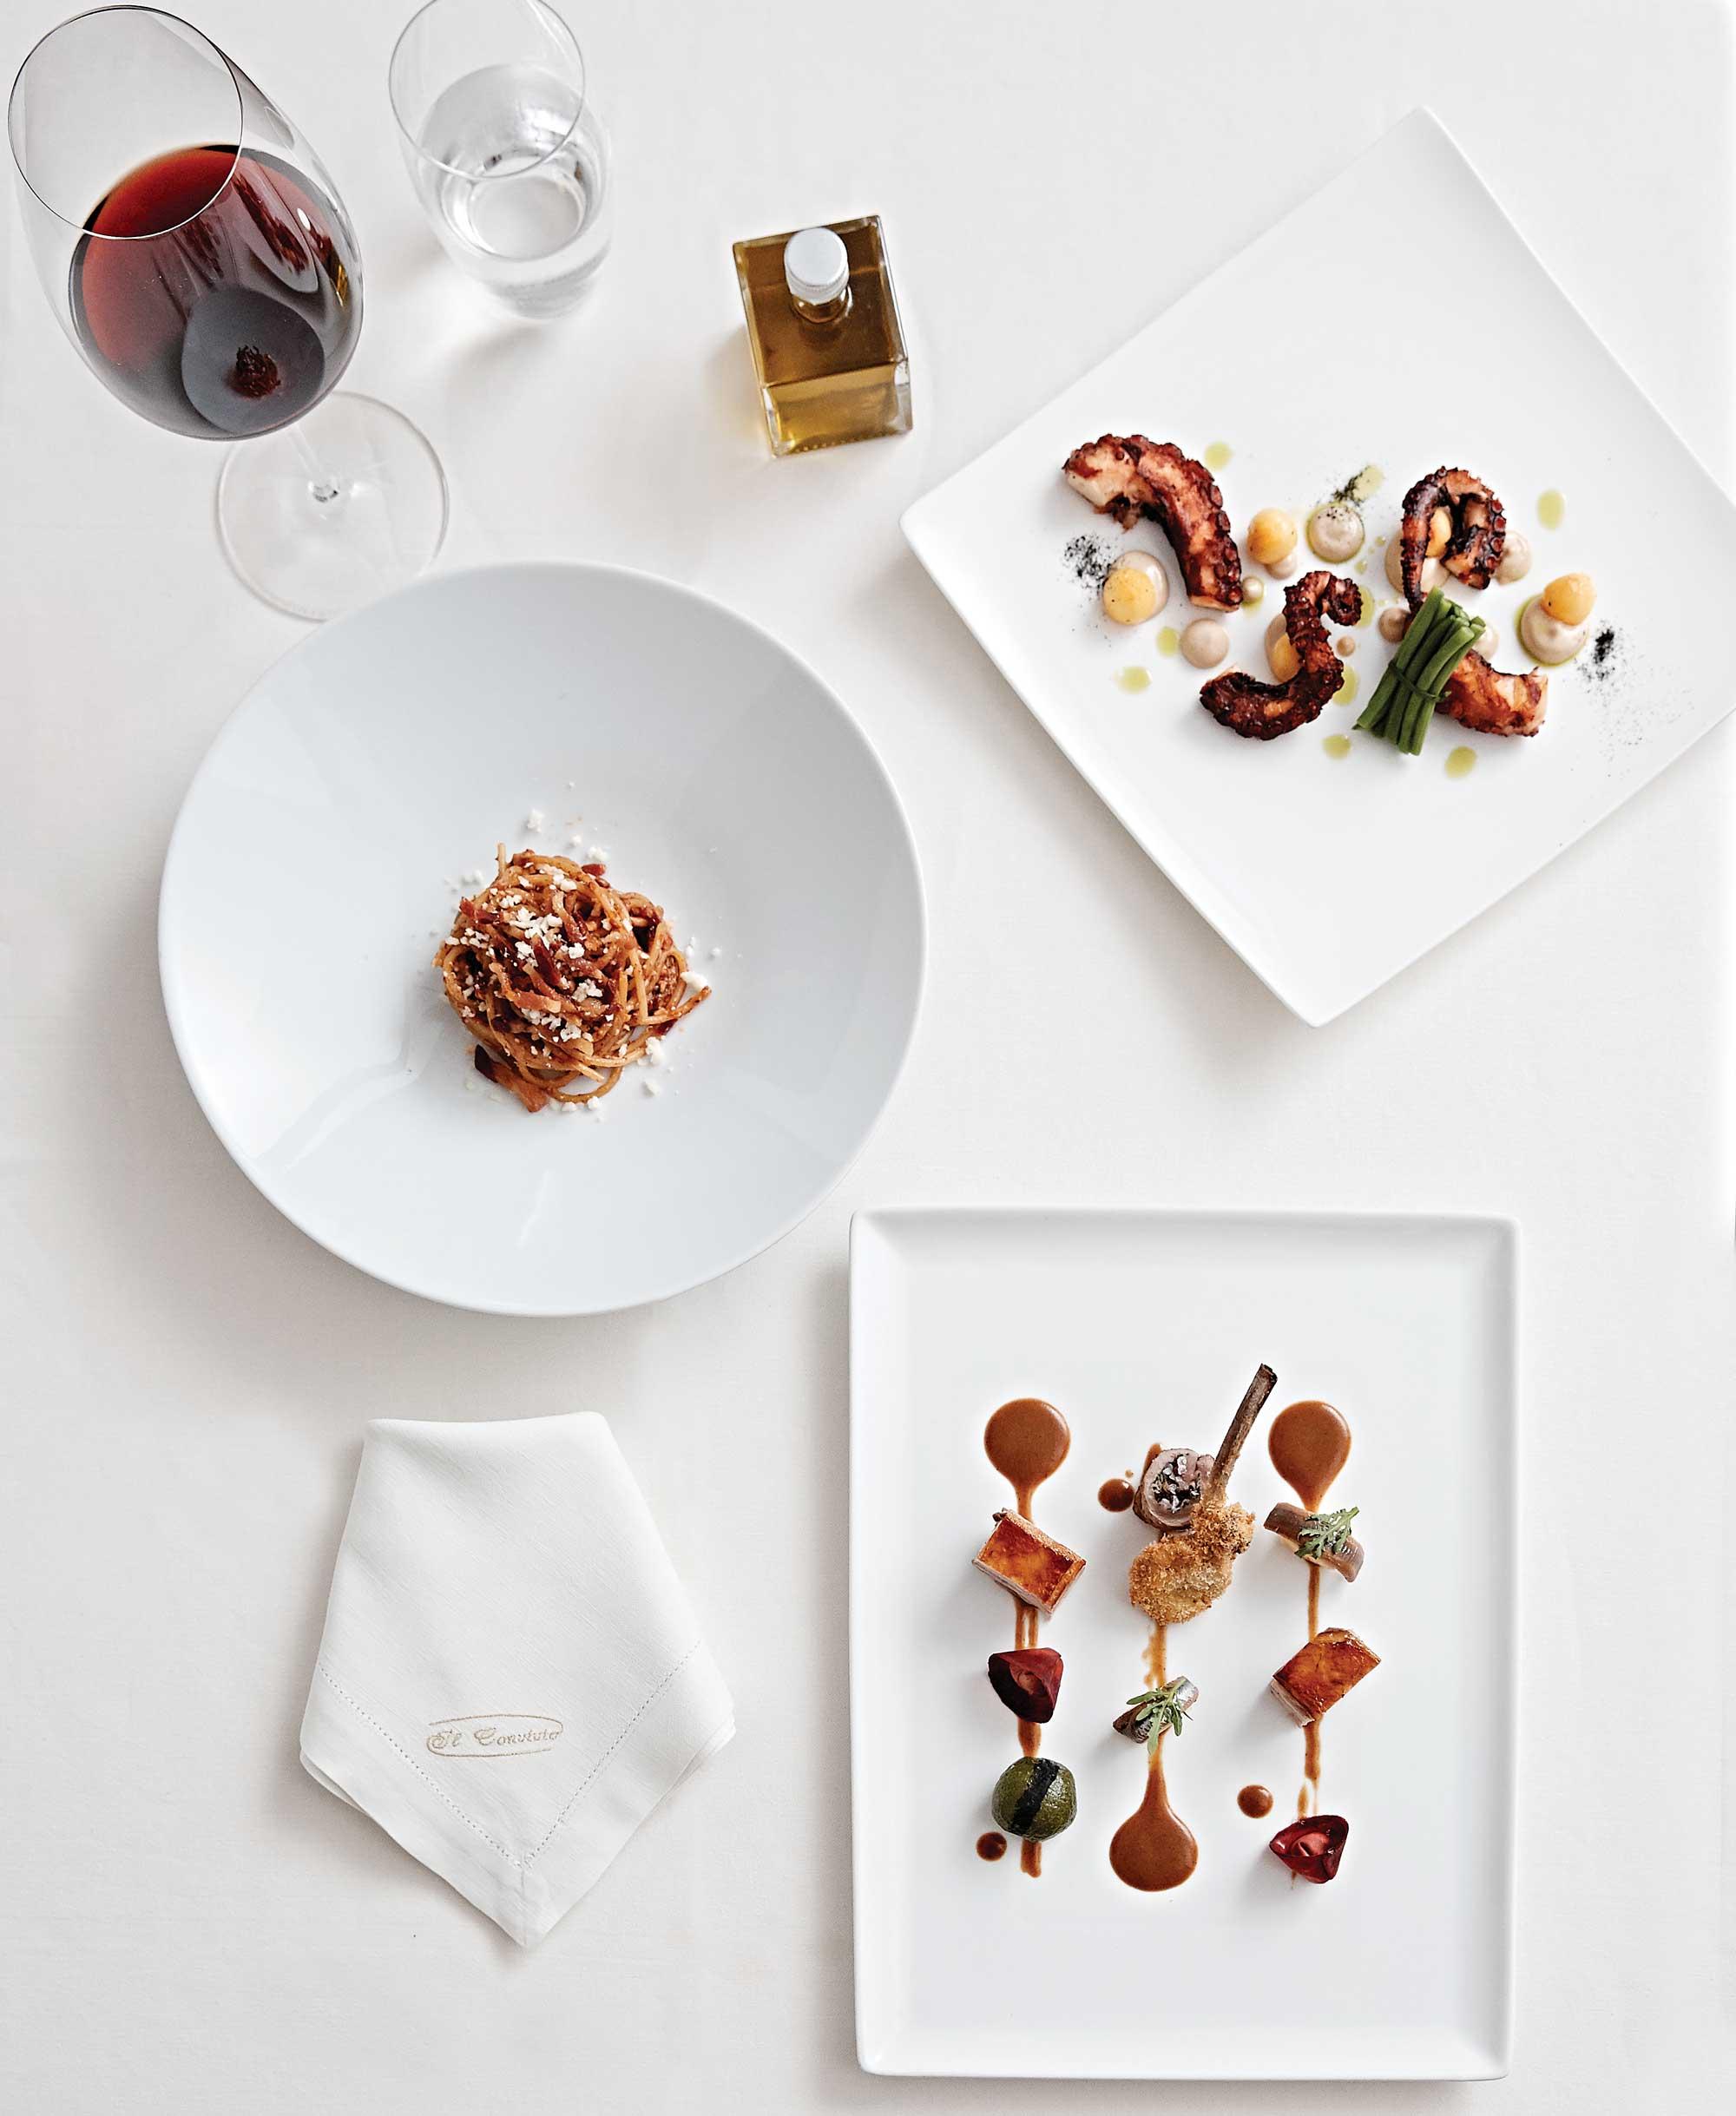 일 콘비비오 트로이아니의 메뉴. (좌측 상단부터) 아마트리치아나, 잊어버린 문어와 실수한 마요네즈, 양고기 요리. ©김재욱